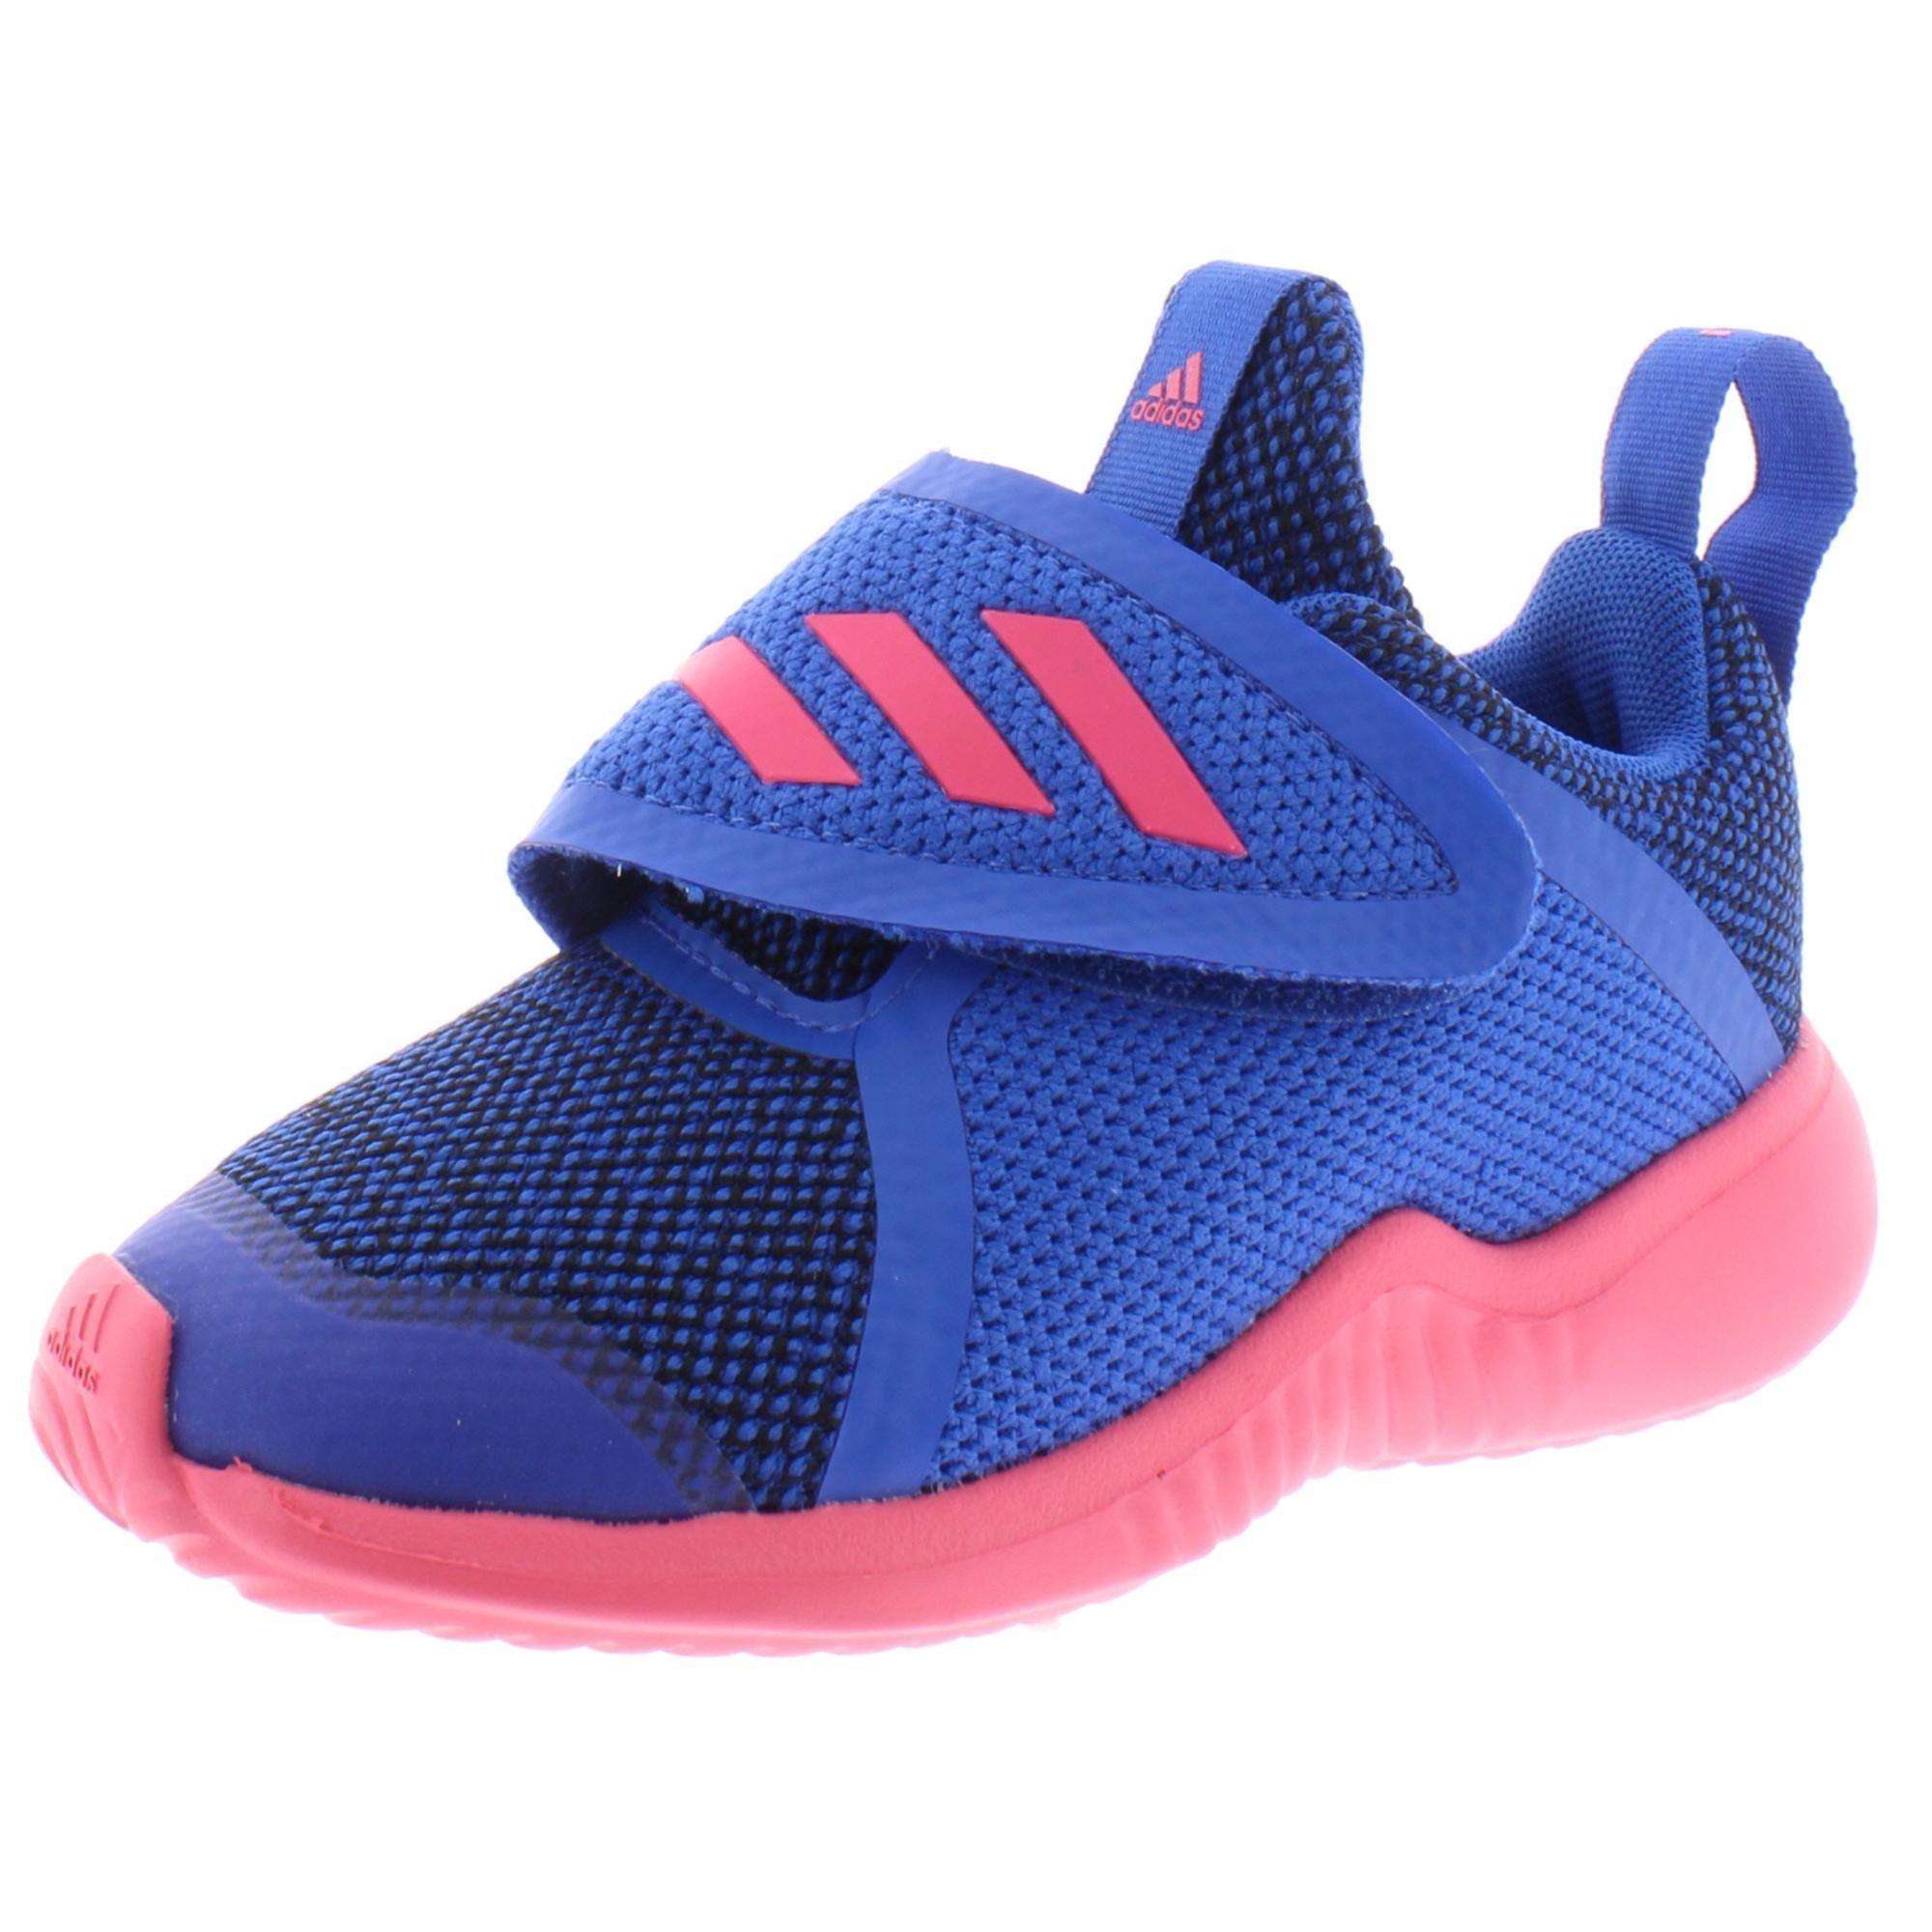 Adidas Girls FortaRun X Knit CF